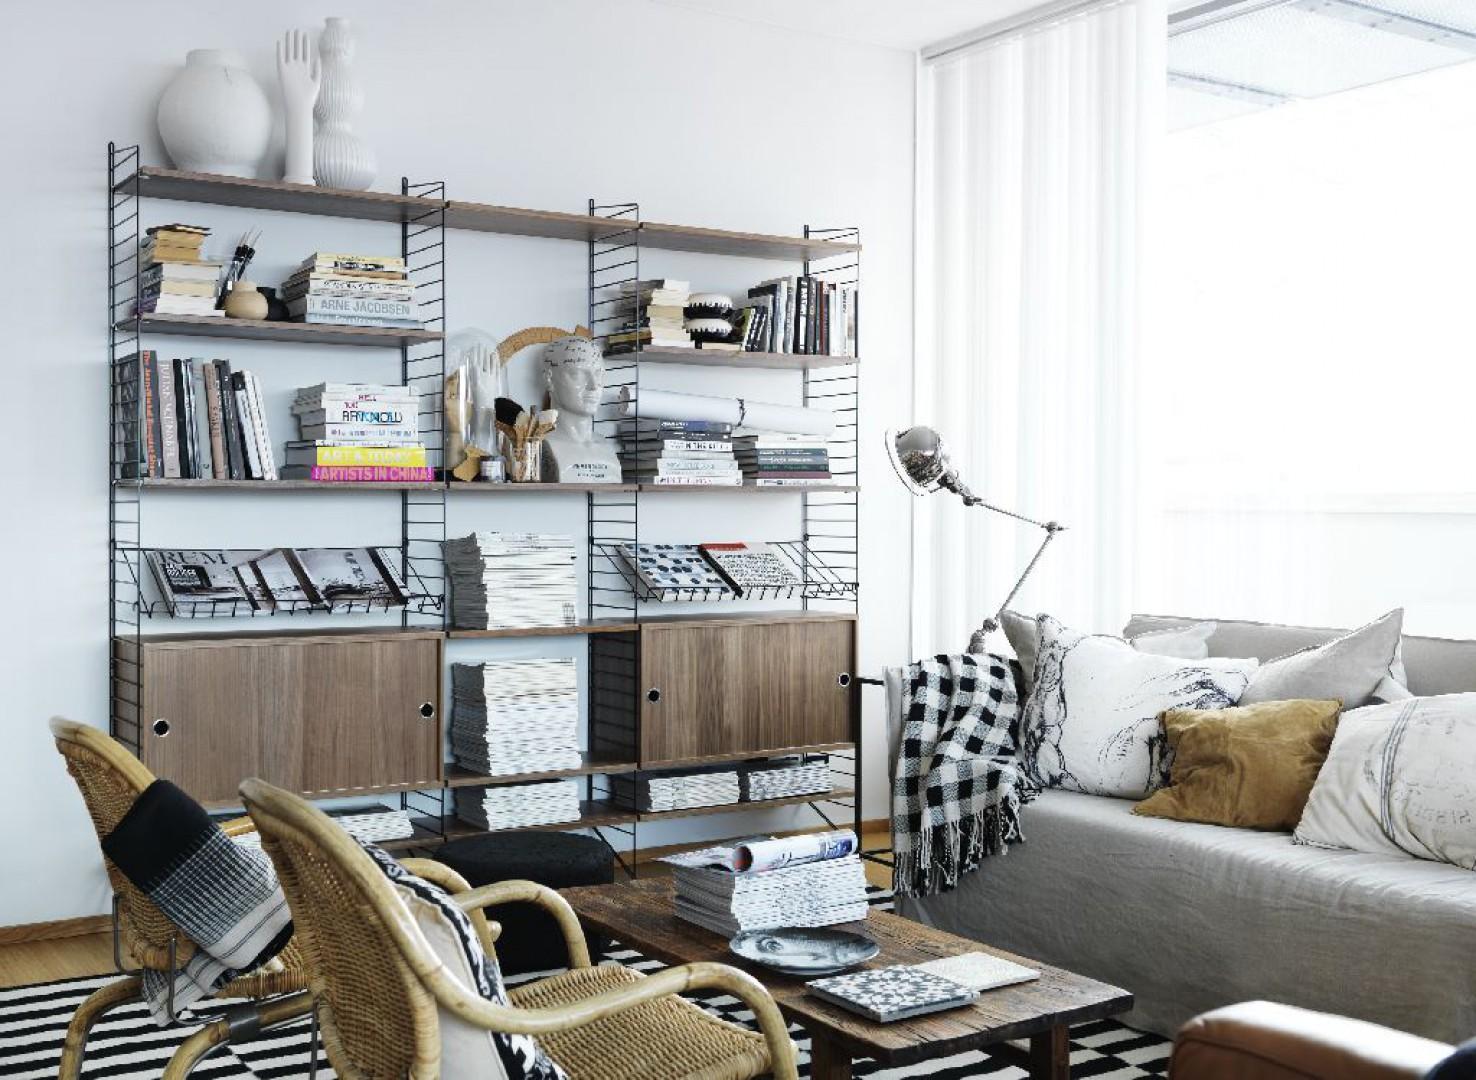 Regał z metalowych prętów to modny skandynawski element wyposażenia wnętrza można na nim przechowywać książki lub dekoracje. Fot. String